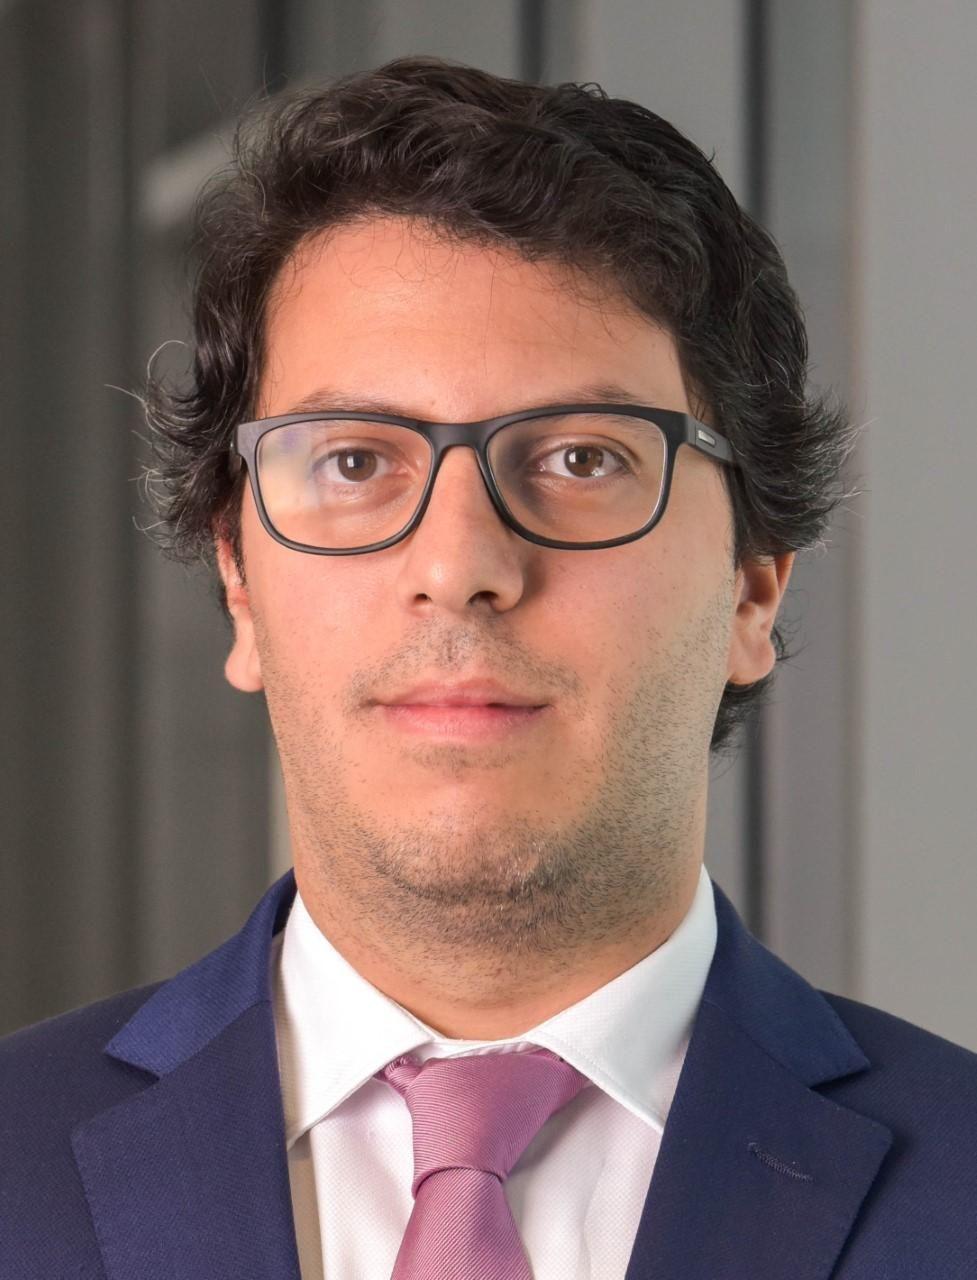 Rami Maalouf